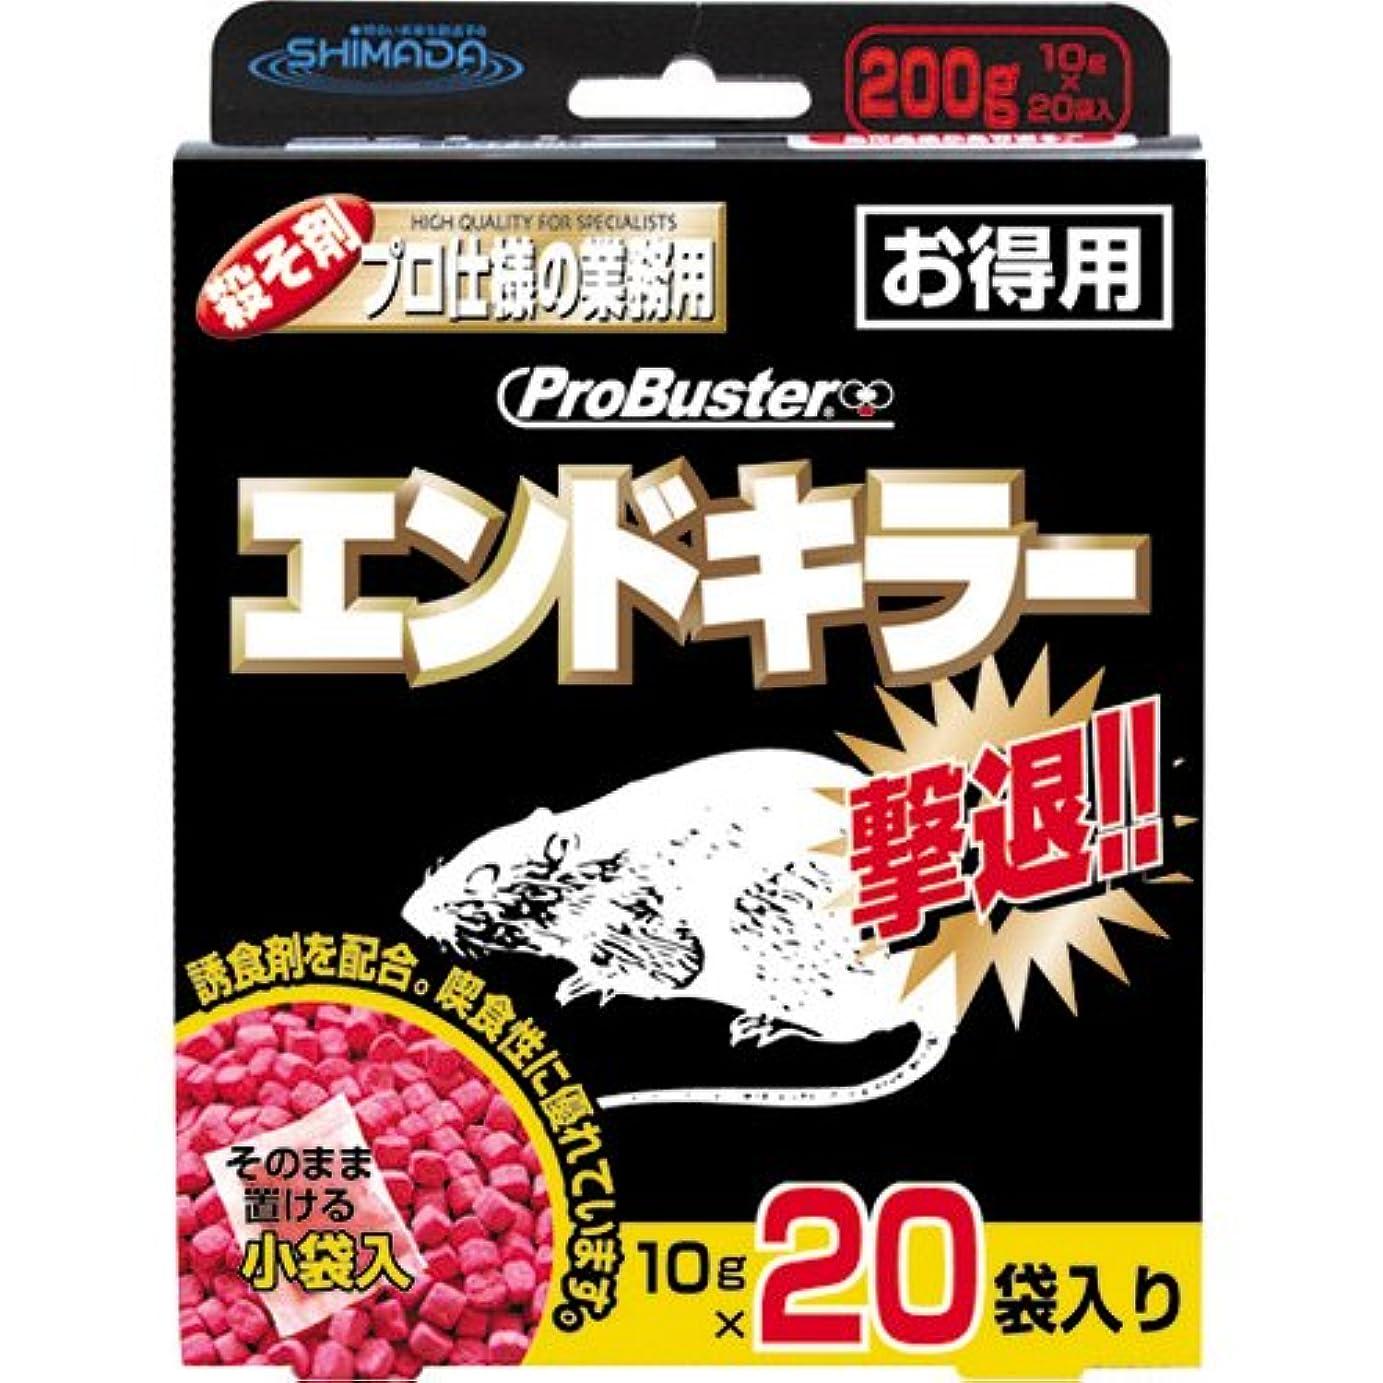 刺繍キャンペーントレースProbusterエンドキラー 10g×20包